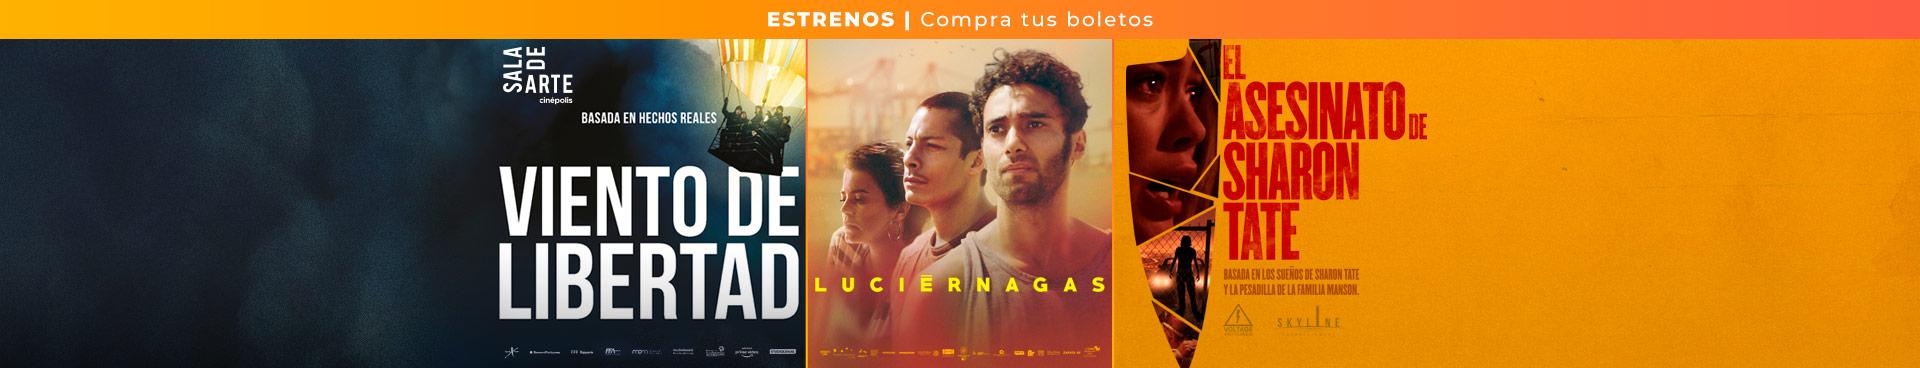 Estrenos: Viento de Libertad / Luciérnagas